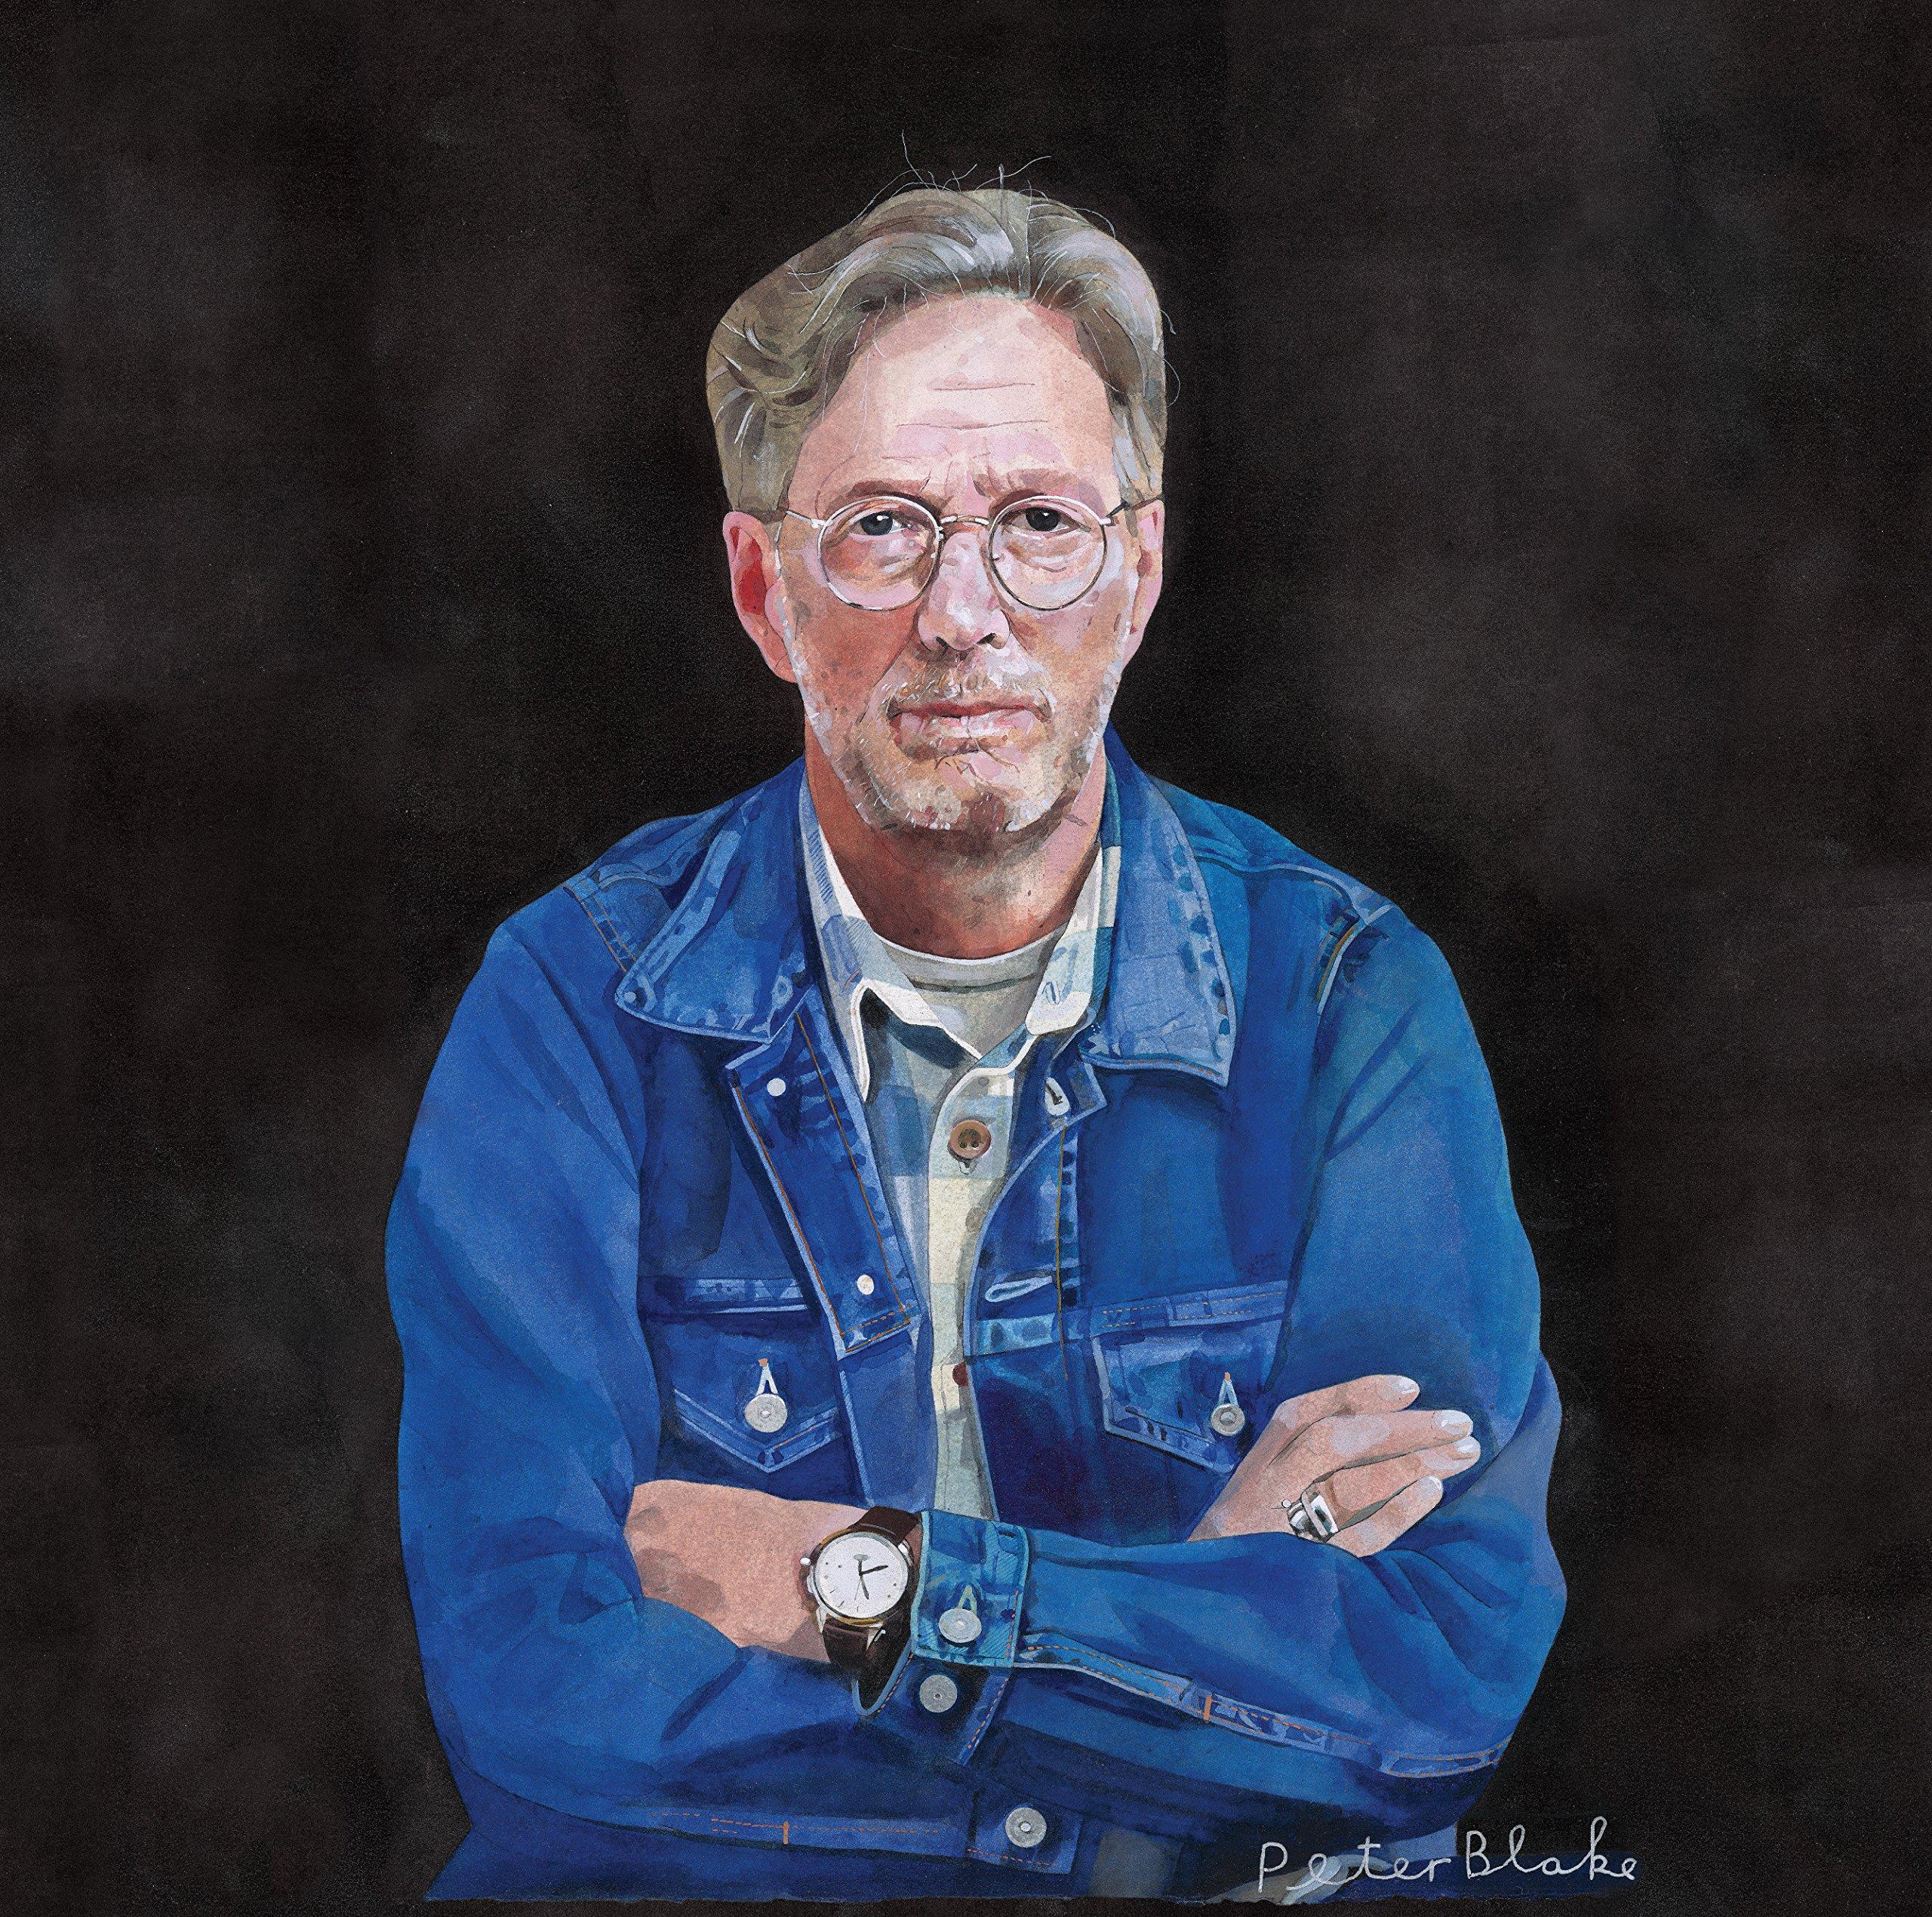 CD : Eric Clapton - I Still Do (CD)